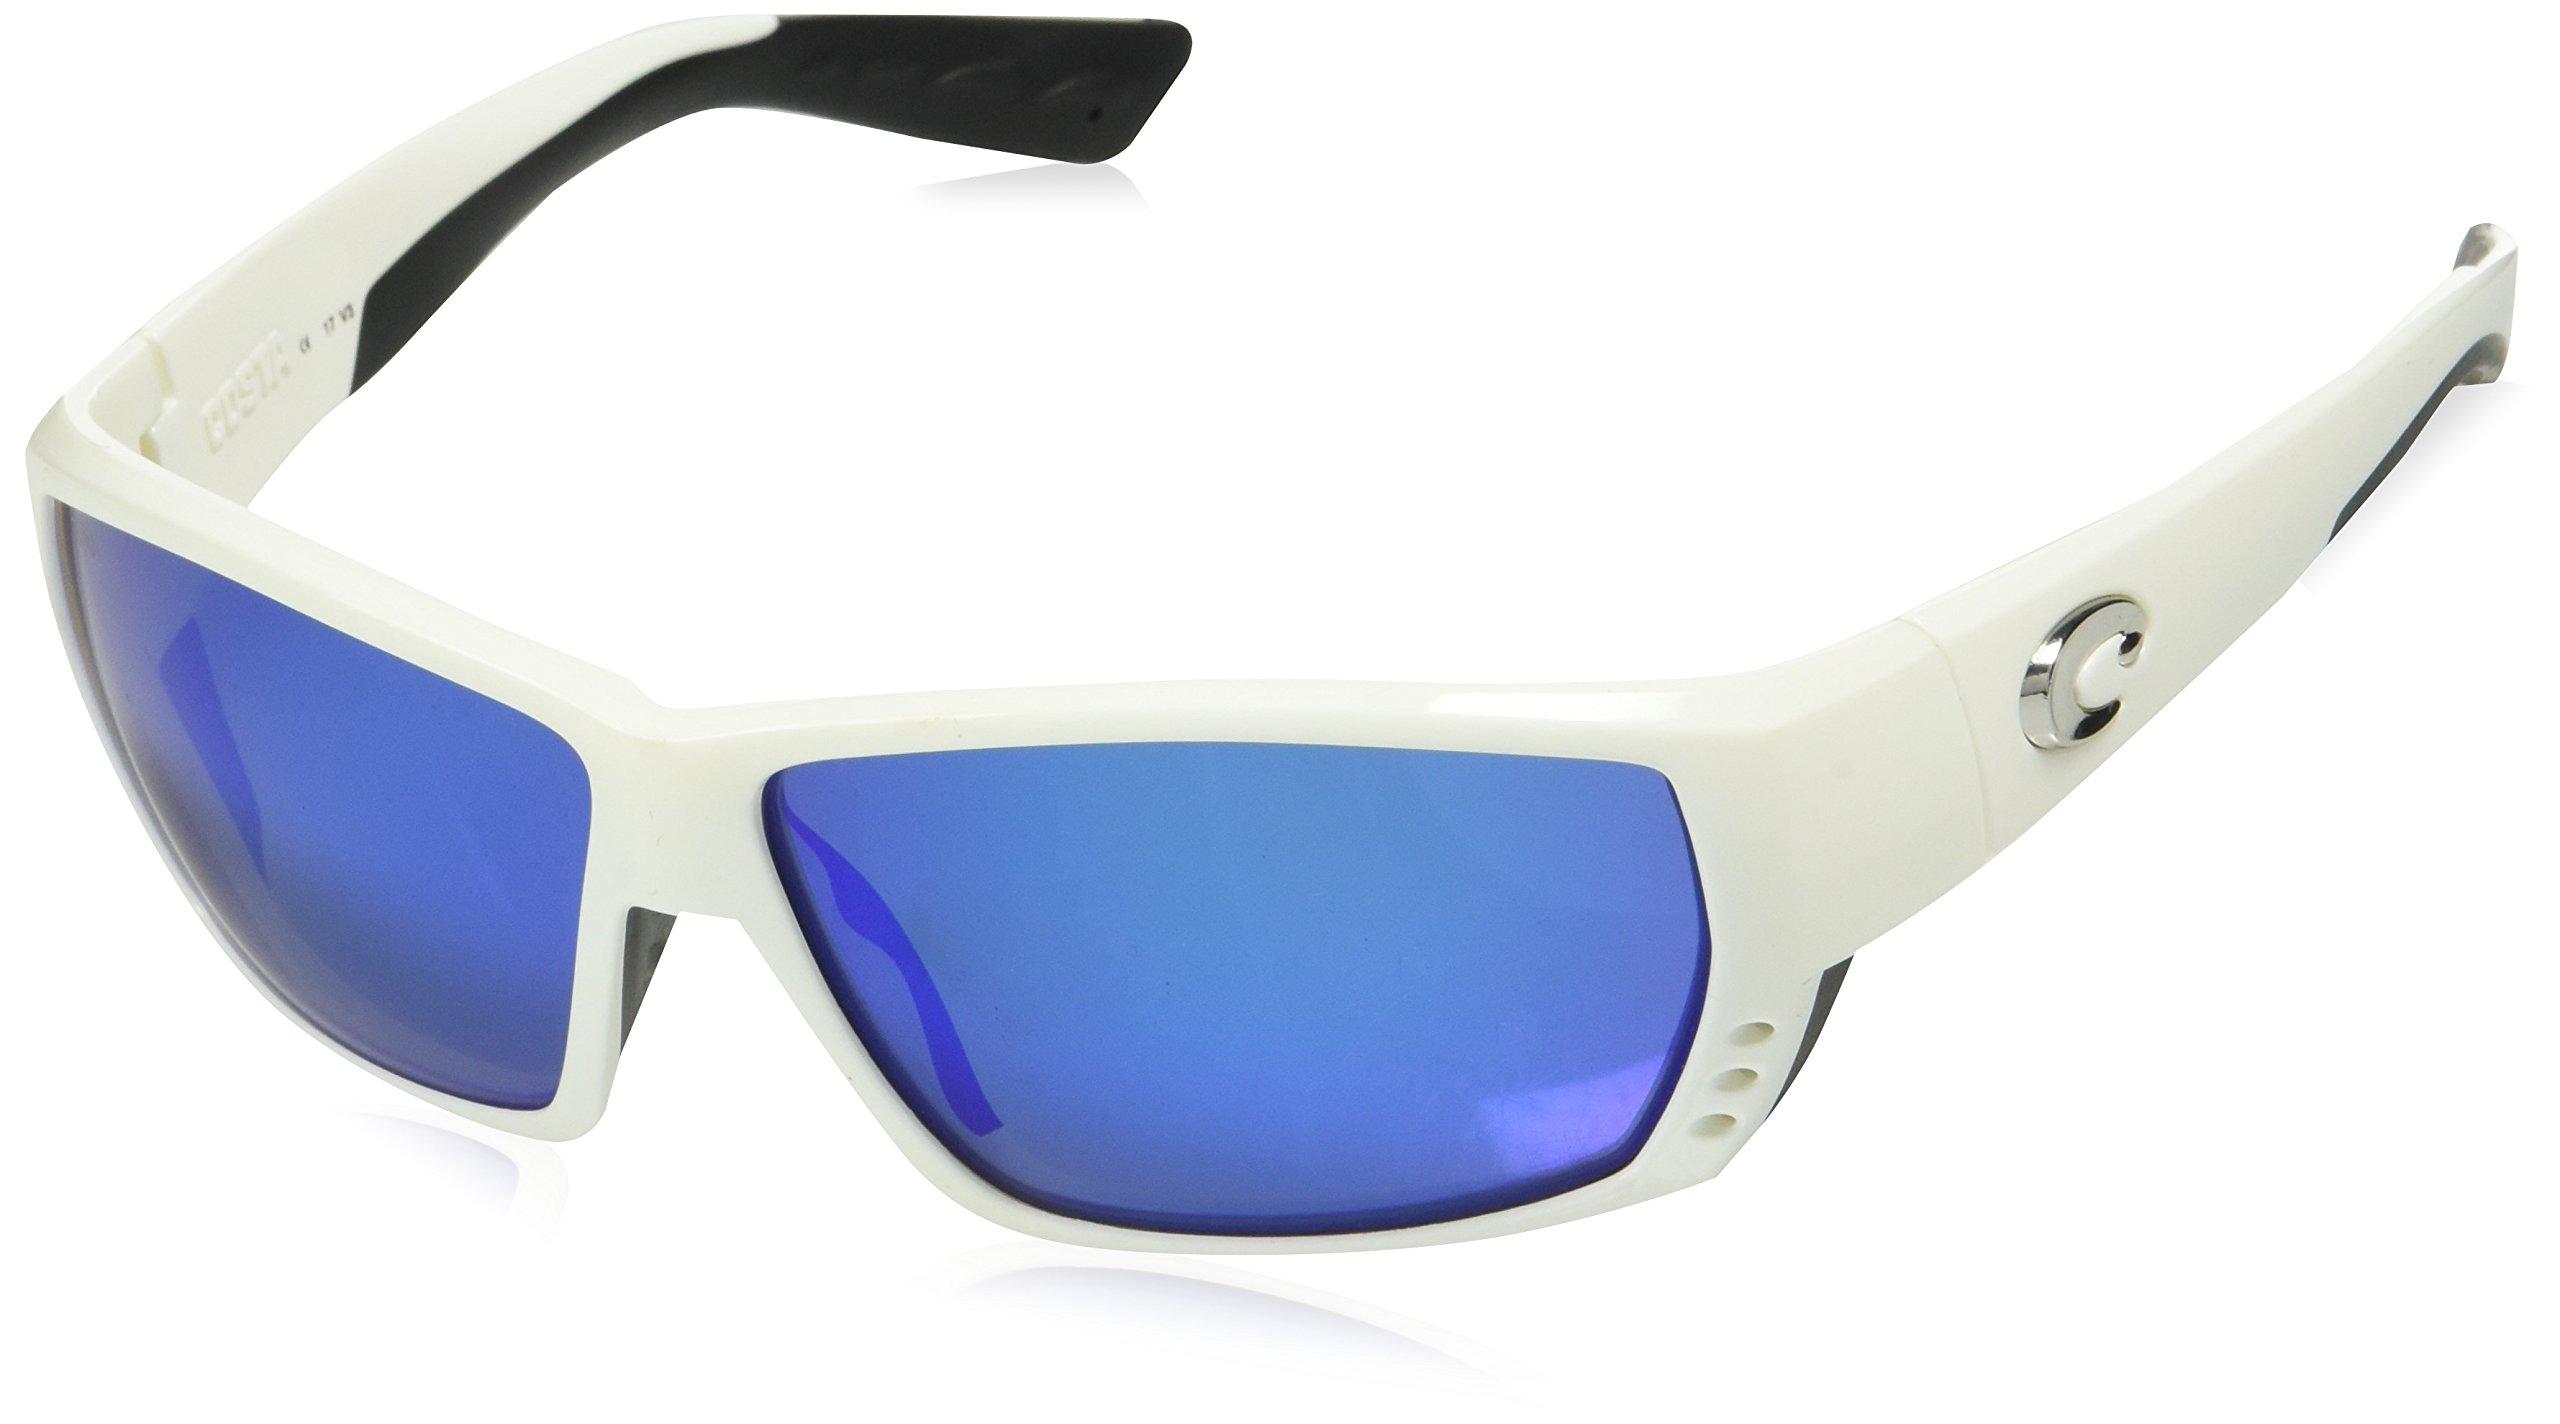 Costa Del Mar Tuna Alley Sunglasses, White, Blue Mirror 580 Glass Lens by Costa Del Mar